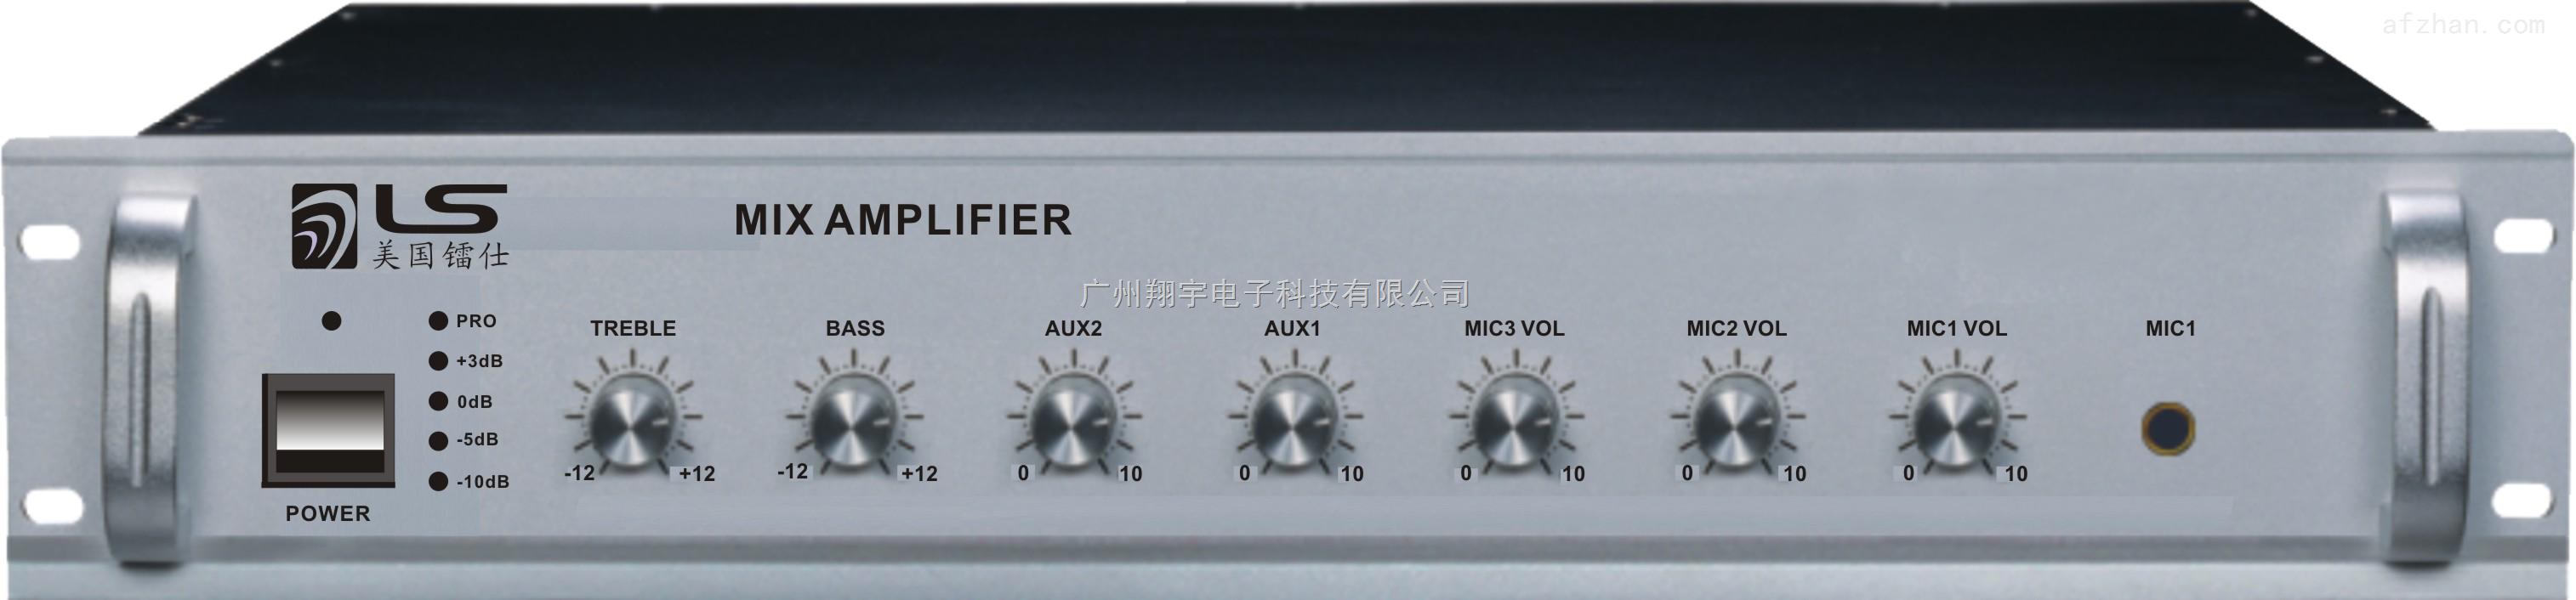 智能公共广播系统合并广播功放机